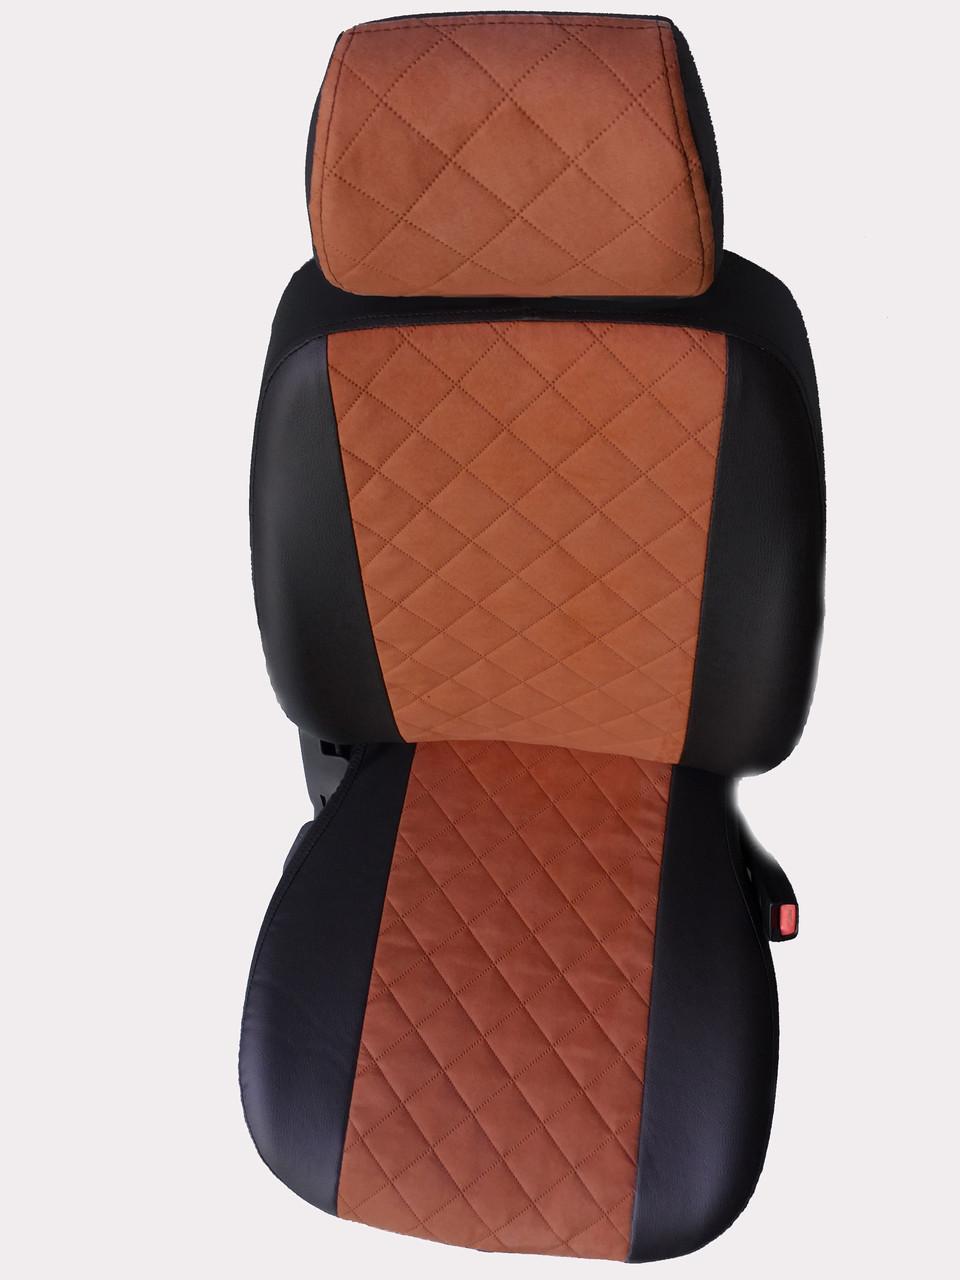 Чохли на сидіння Форд Фієста (Ford Fiesta) (універсальні, екошкіра+Алькантара, з окремим підголовником)